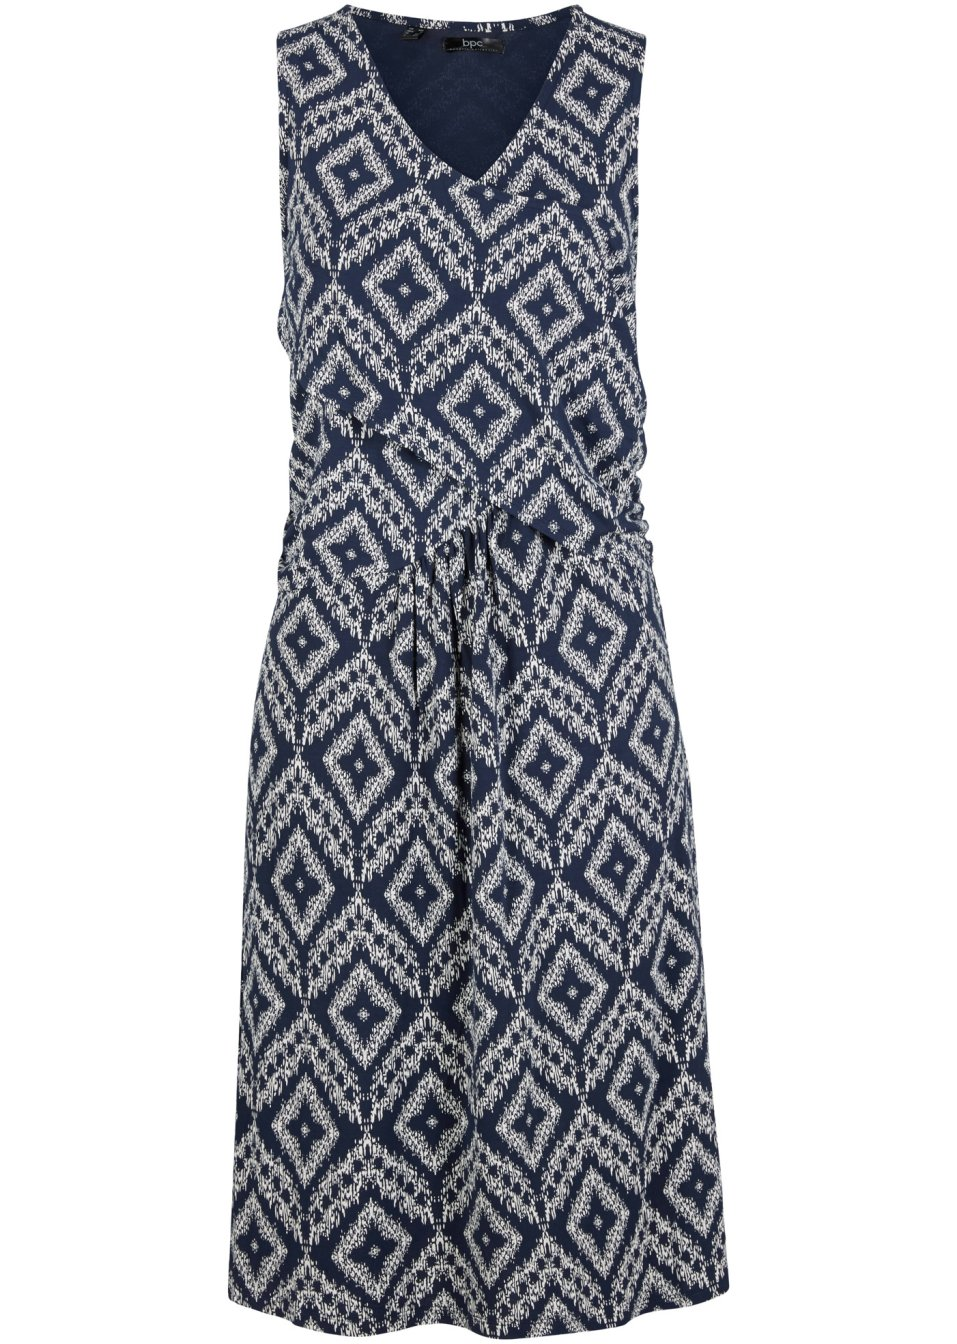 Ärmelloses figurumspielendes Kleid in Wickeloptik mit schönem Print - dunkelblau graphisch bedruckt 0hhzR rRlh5